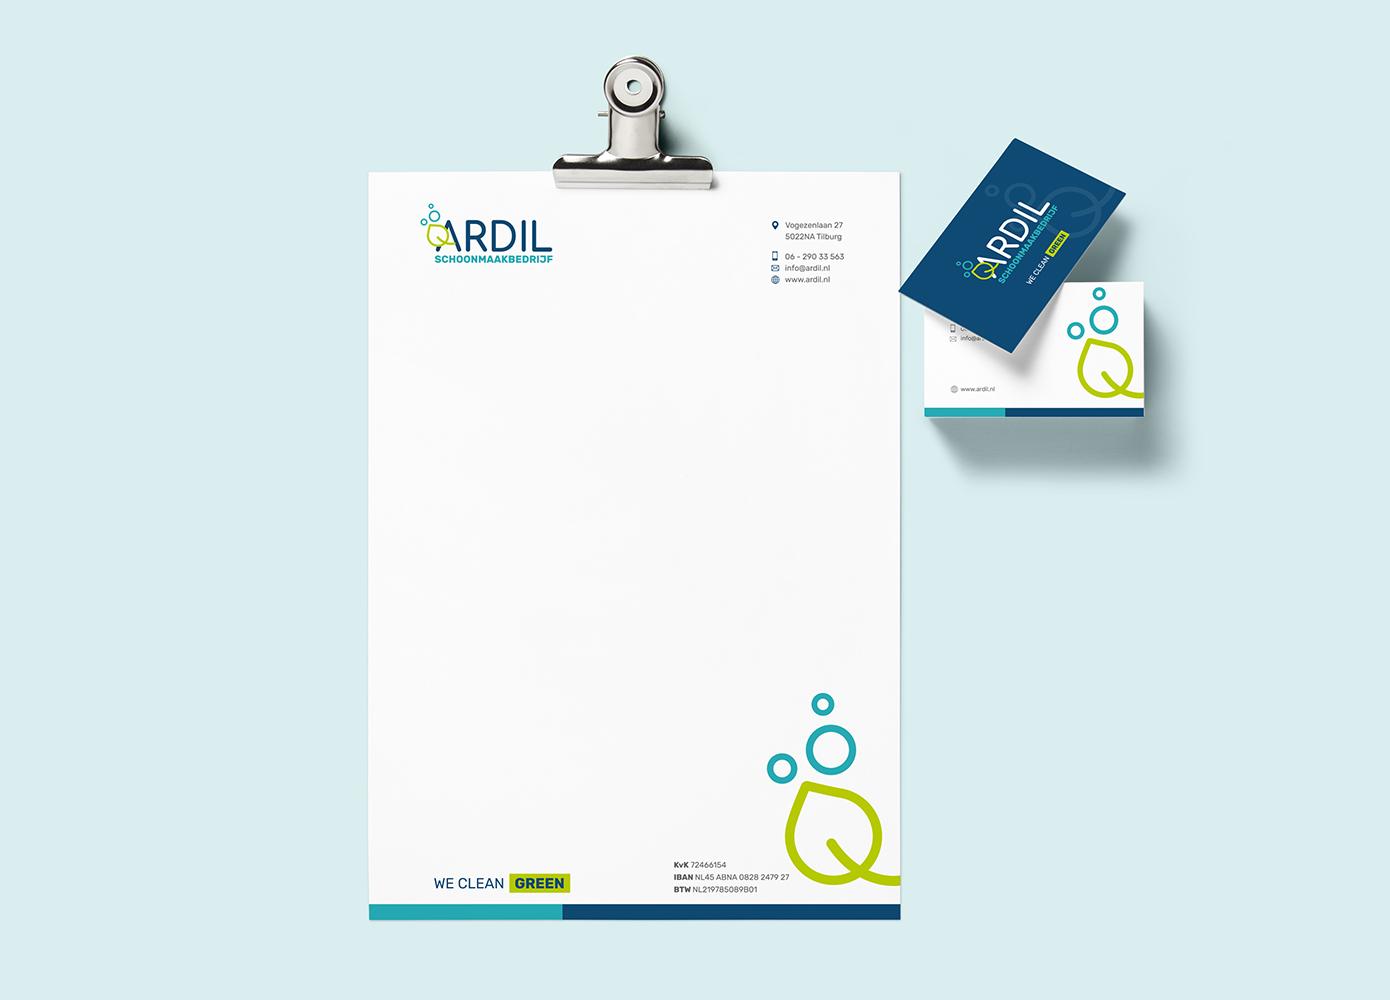 Huisstijldragers Ardil schoonmaakbedrijf